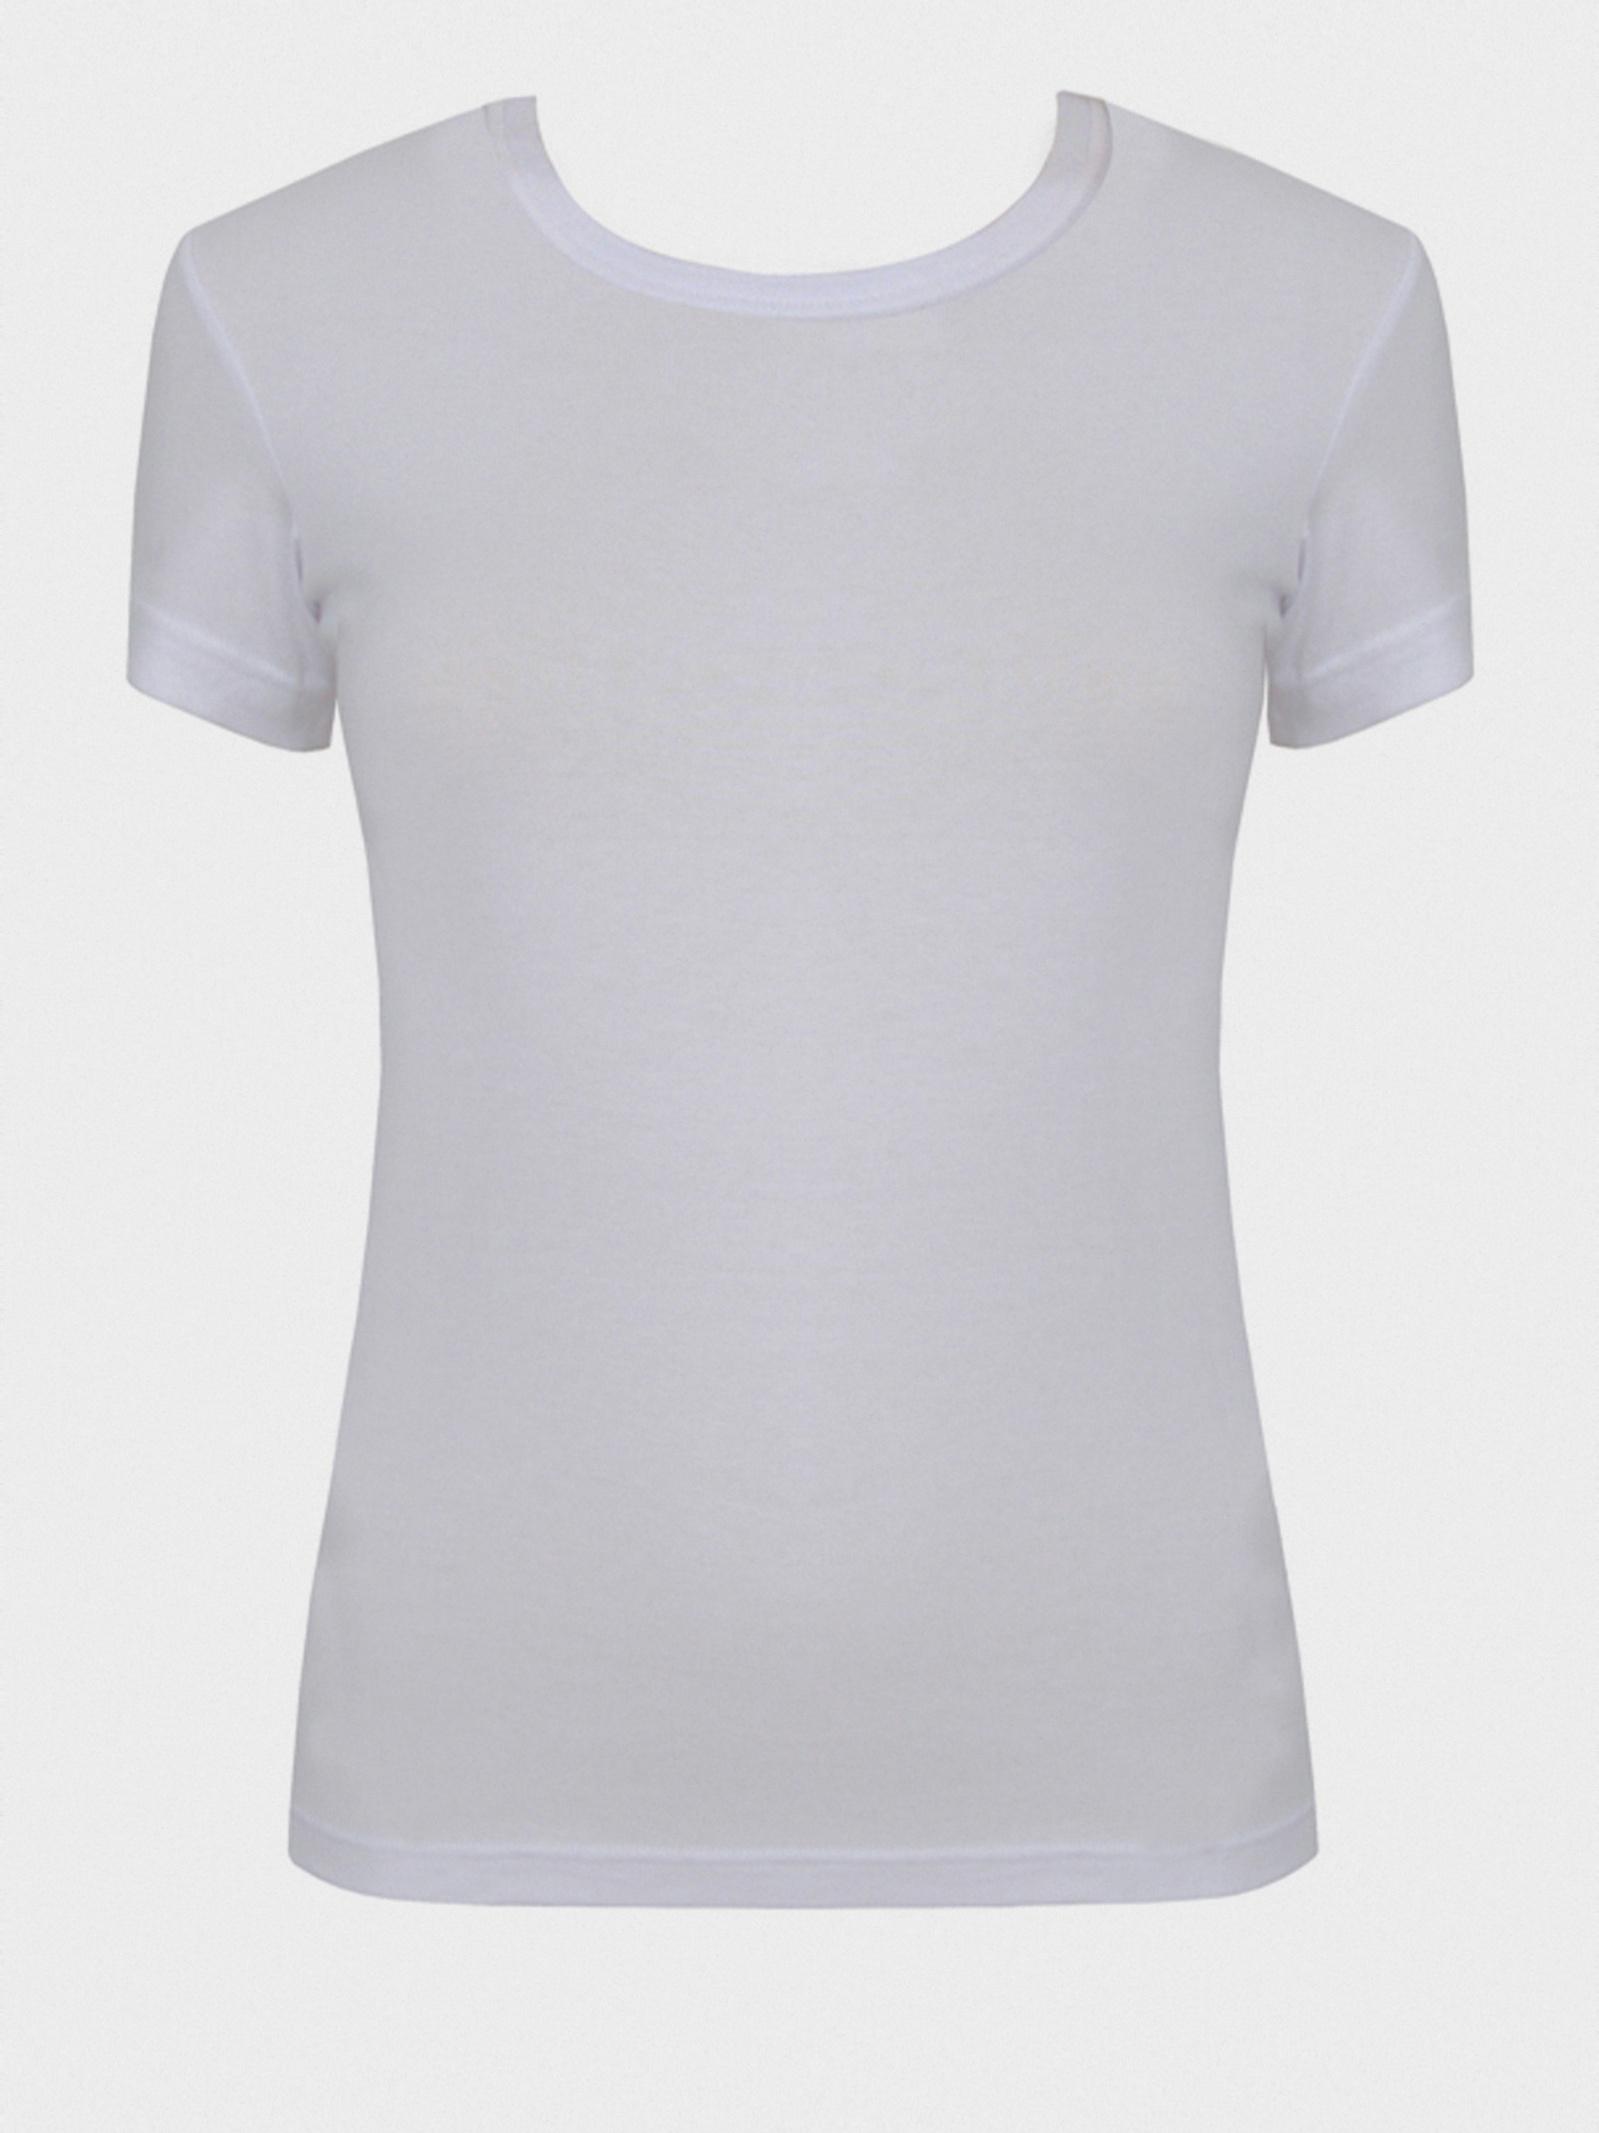 Sealine Футболка жіночі модель 310-002 white відгуки, 2017